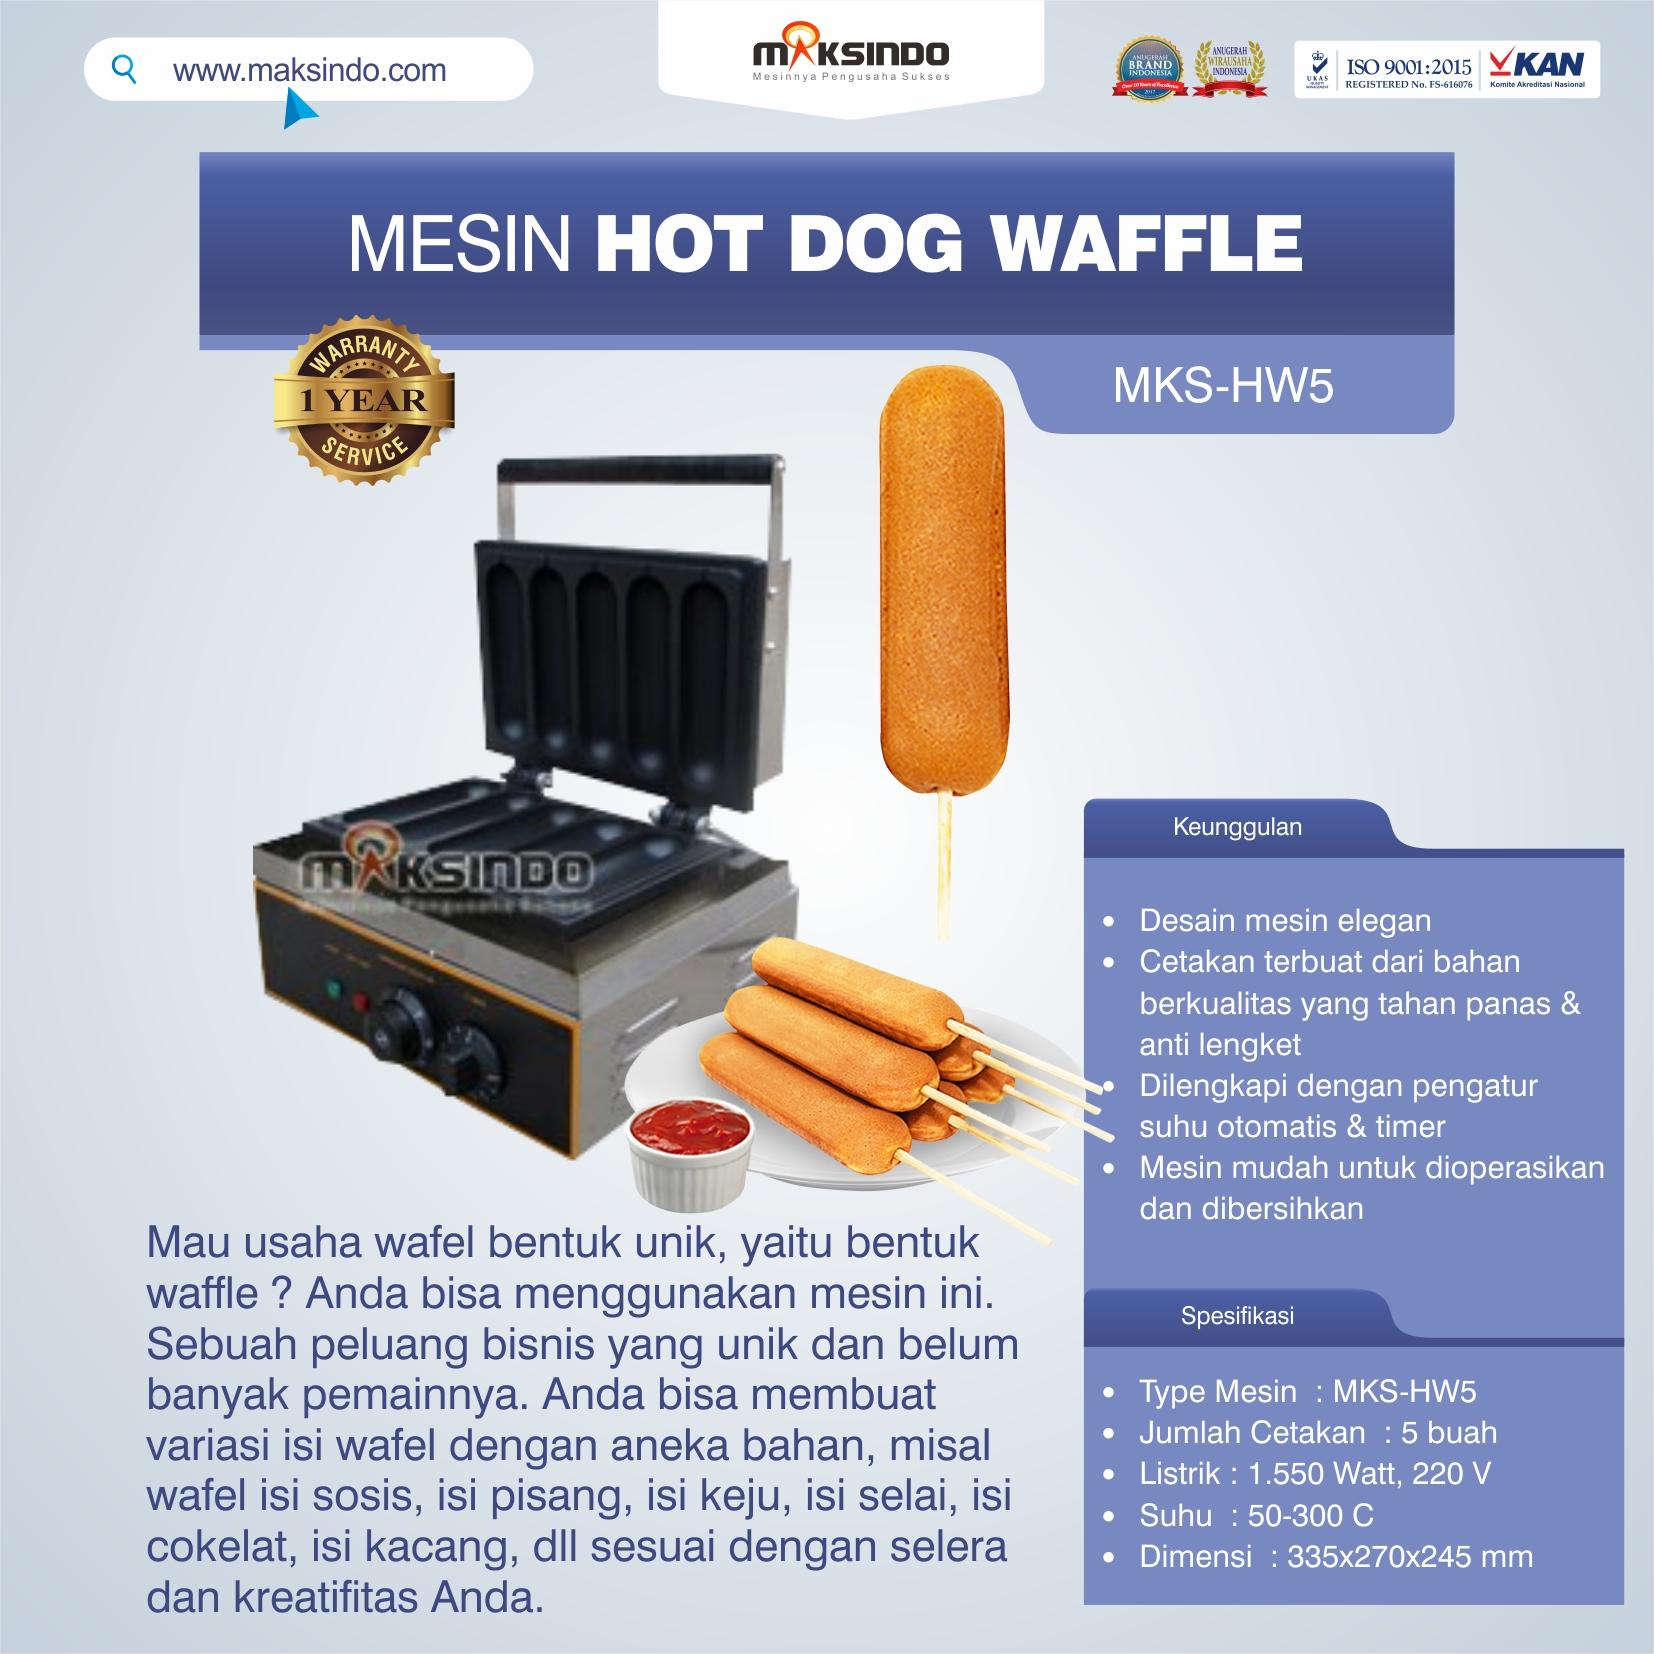 Jual Mesin Hot Dog Waffle MKS-HW5 di Yogyakarta